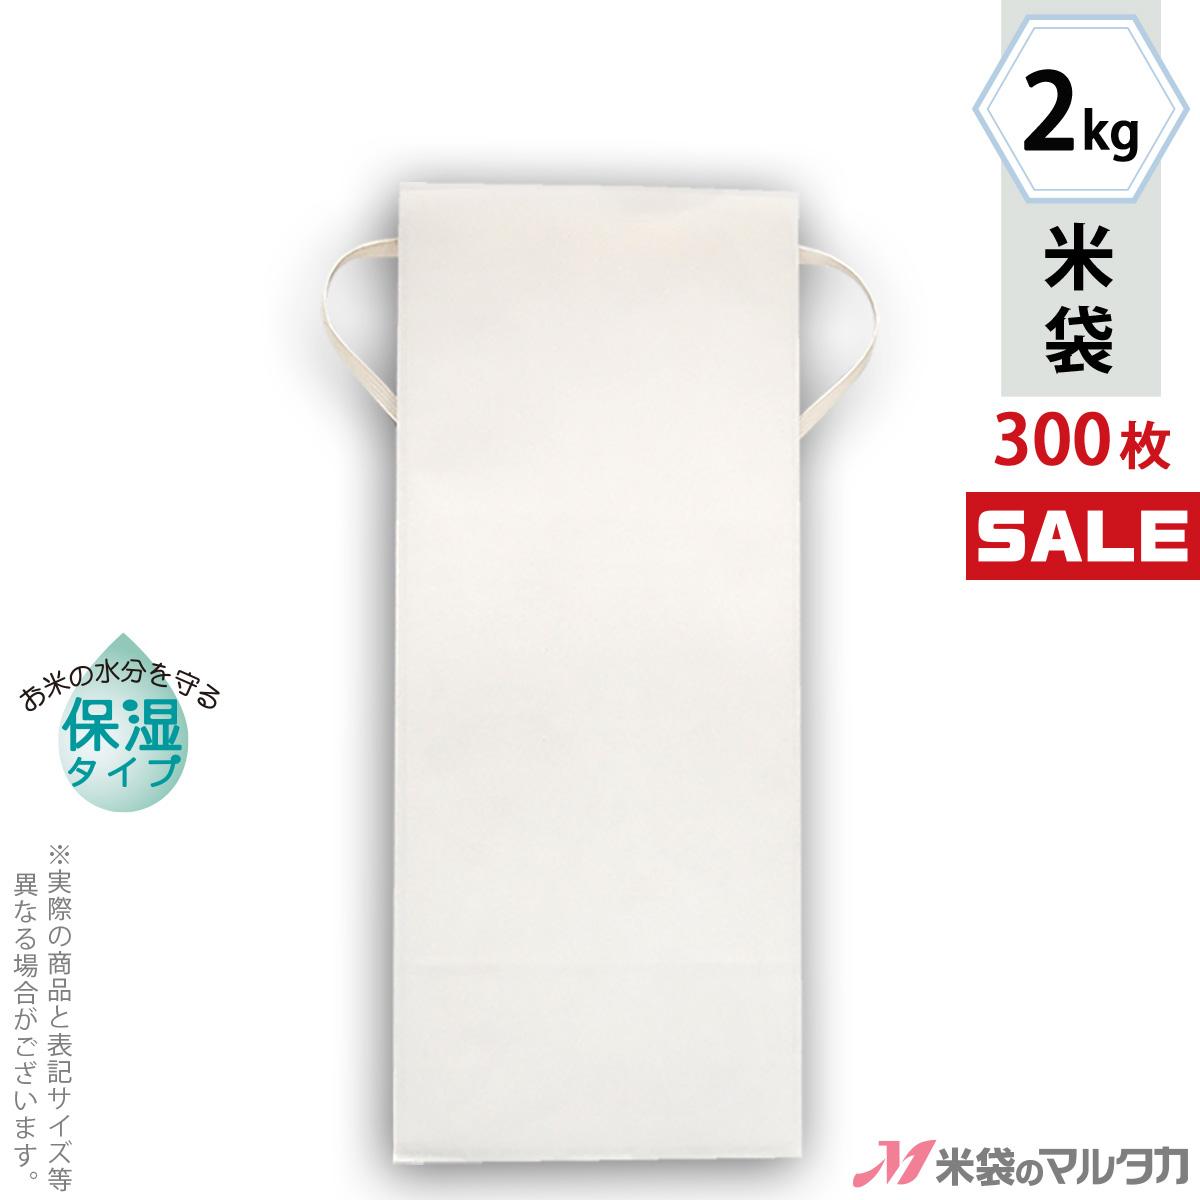 <キャンペーン対応>米袋 KHP-841 マルタカ クラフトSP 白クラフト保湿タイプ 無地 窓なし 2kg用紐付 【米袋2kg】【1ケース(300枚入)】